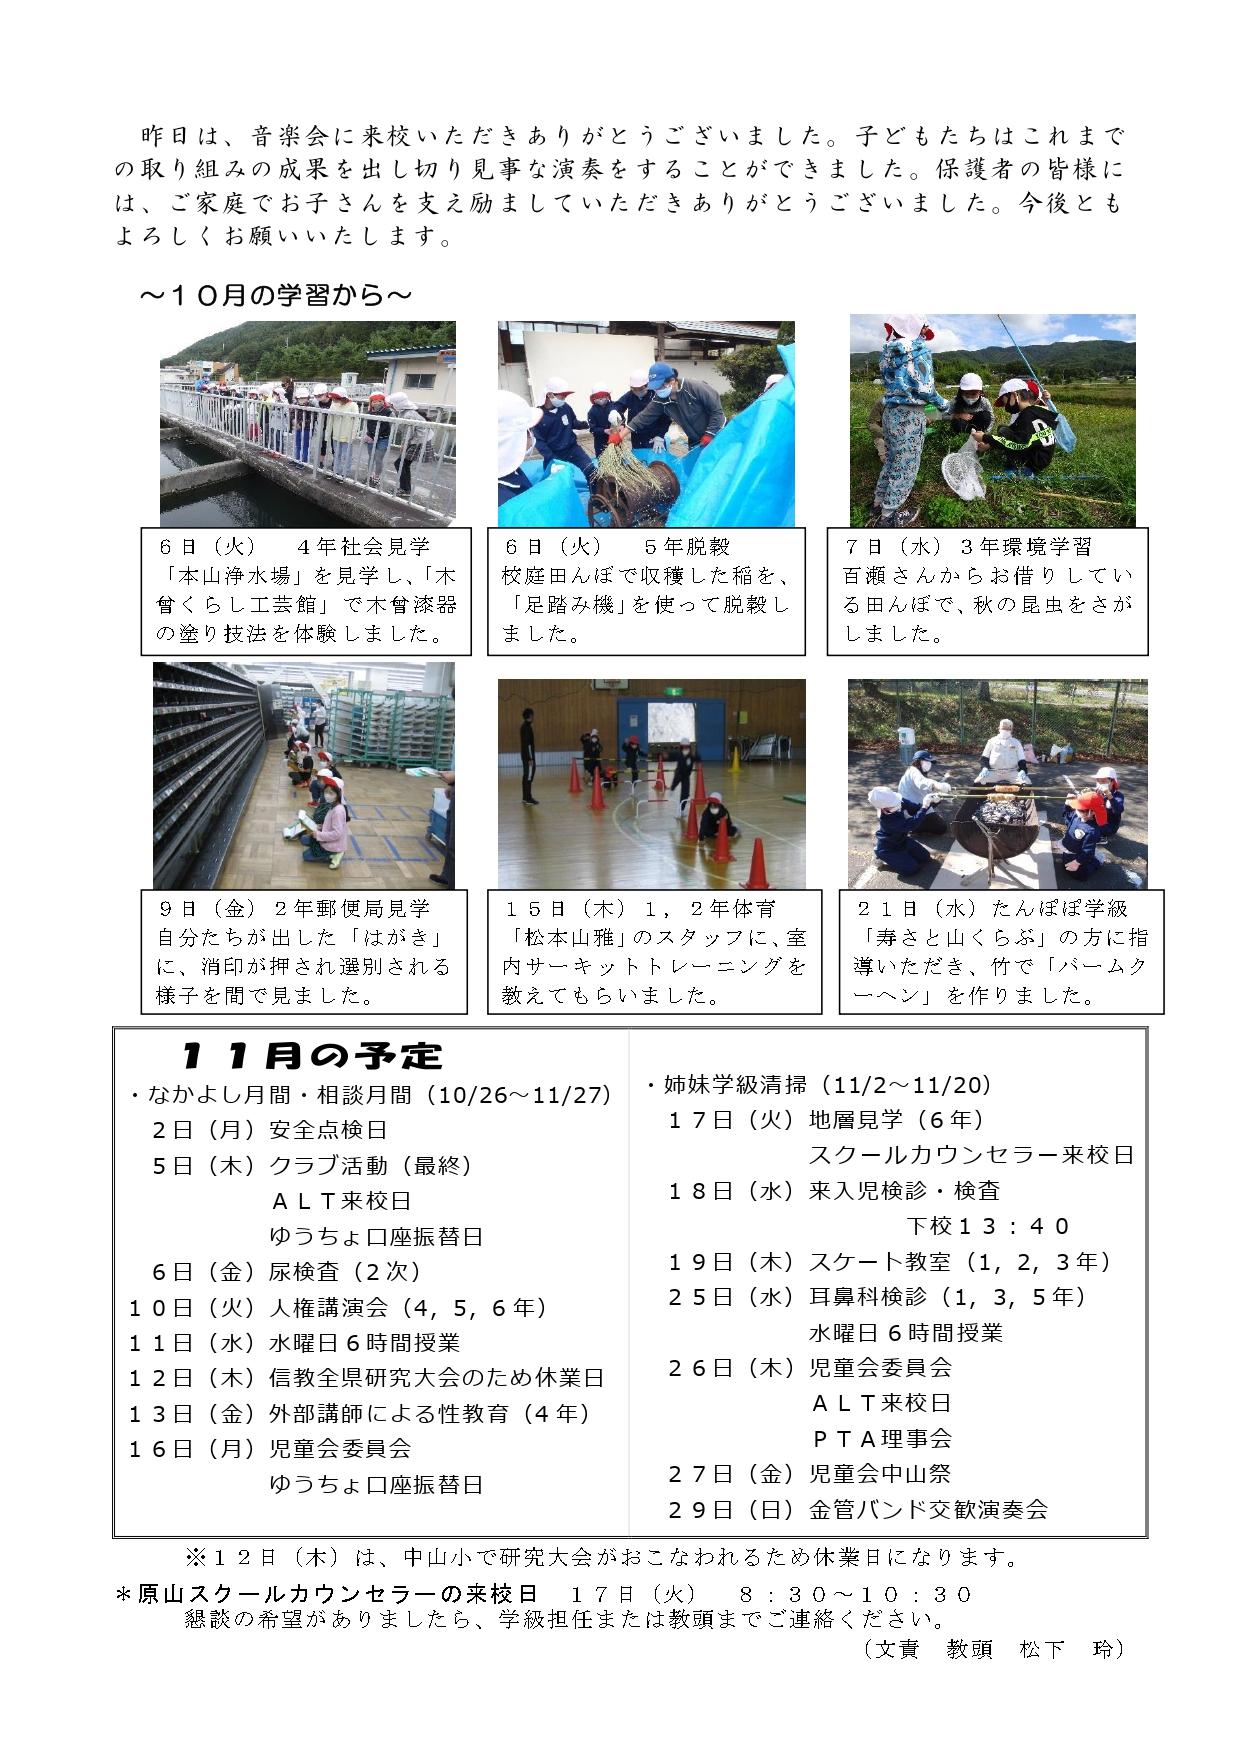 R2学校便り【10月】_page-0002